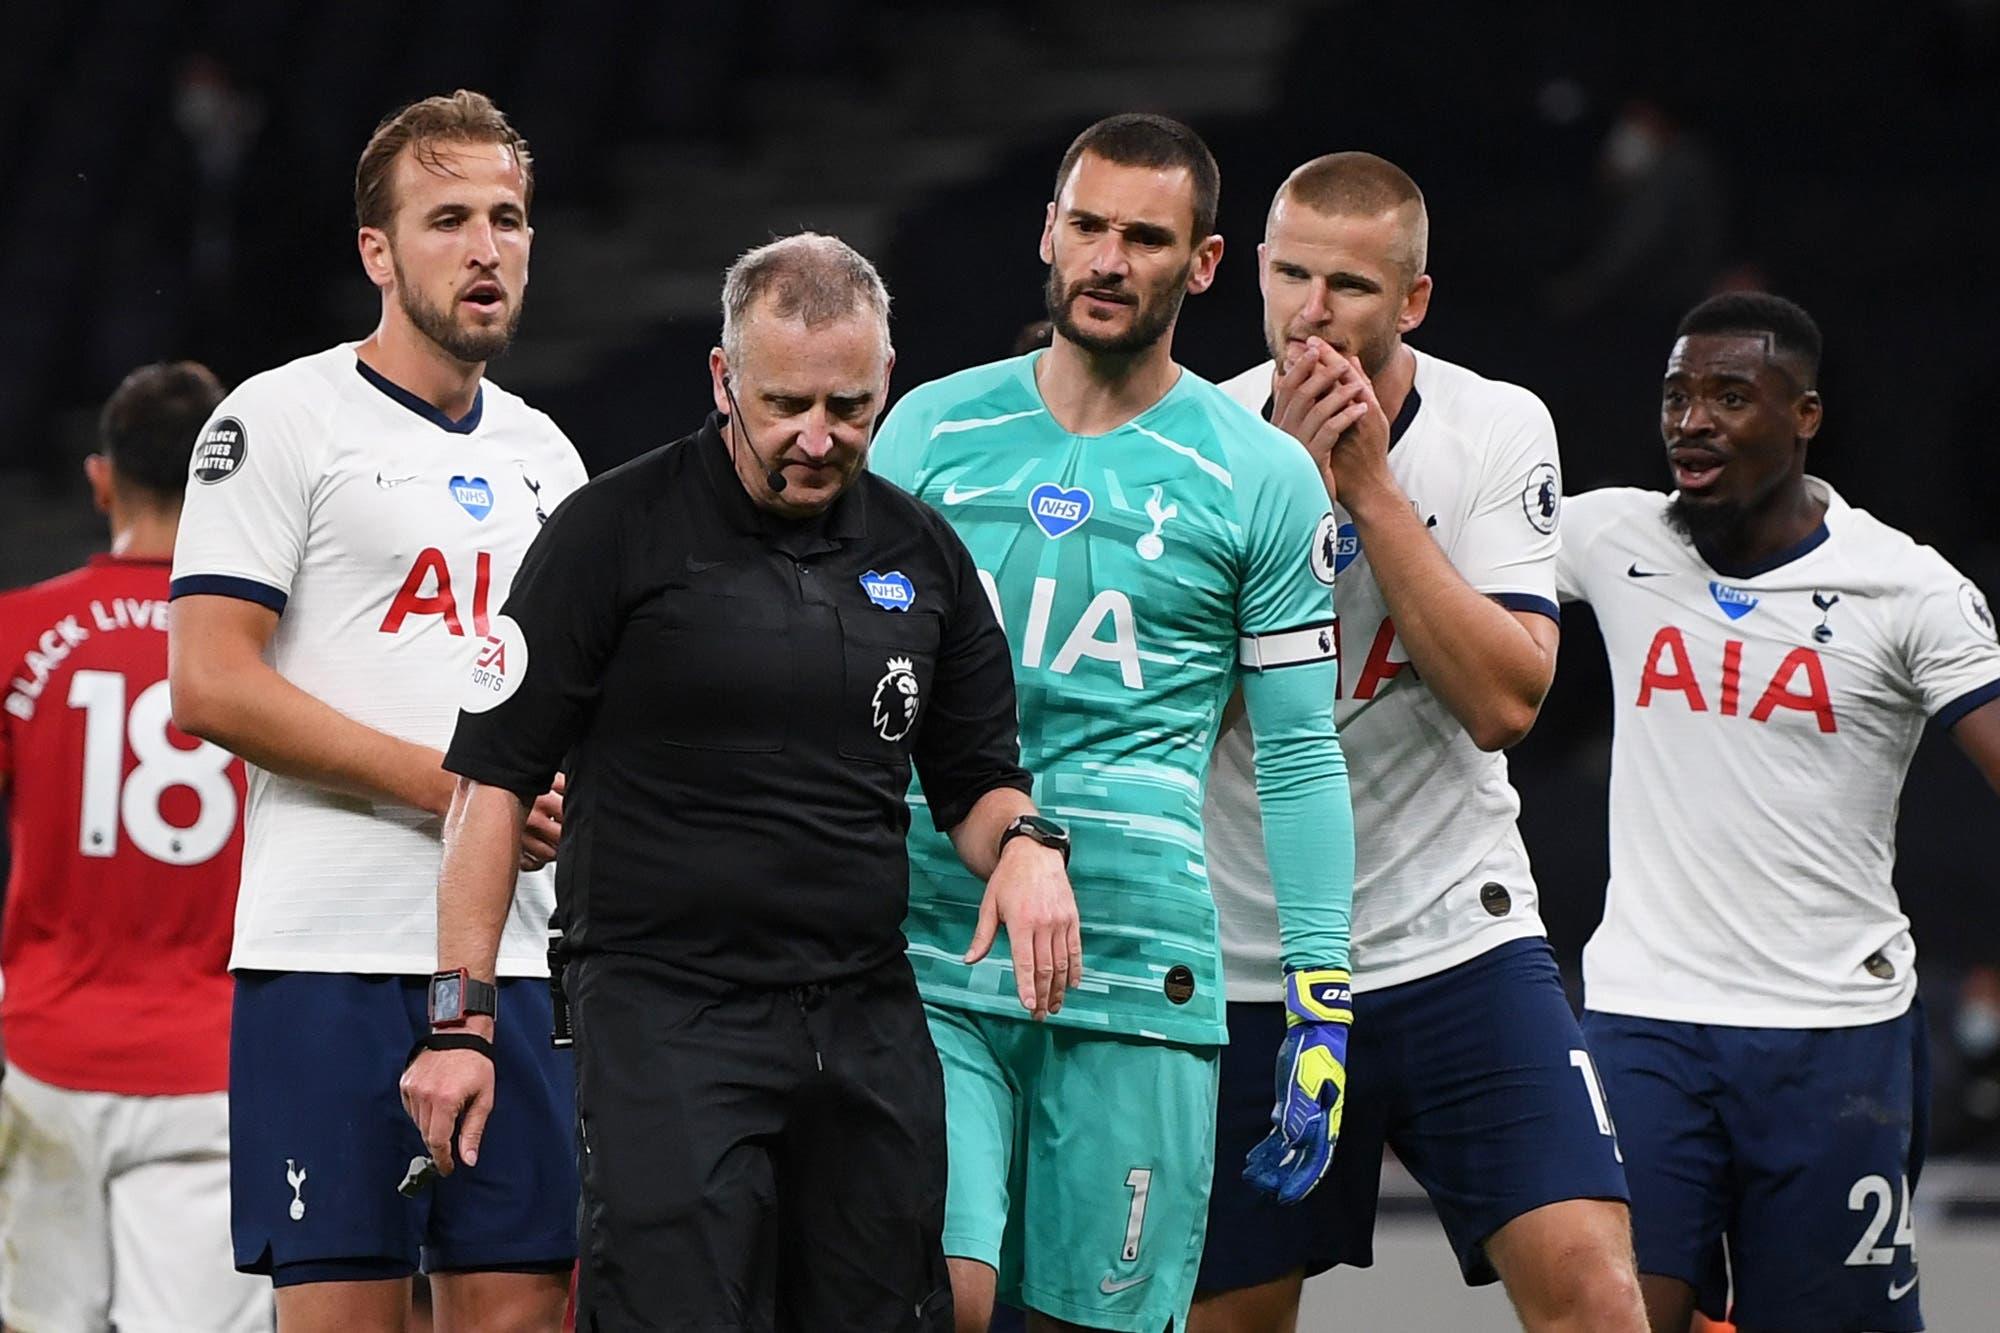 En la Premier League habrá expulsión directa para los futbolistas que tosan de forma deliberada a los rivales